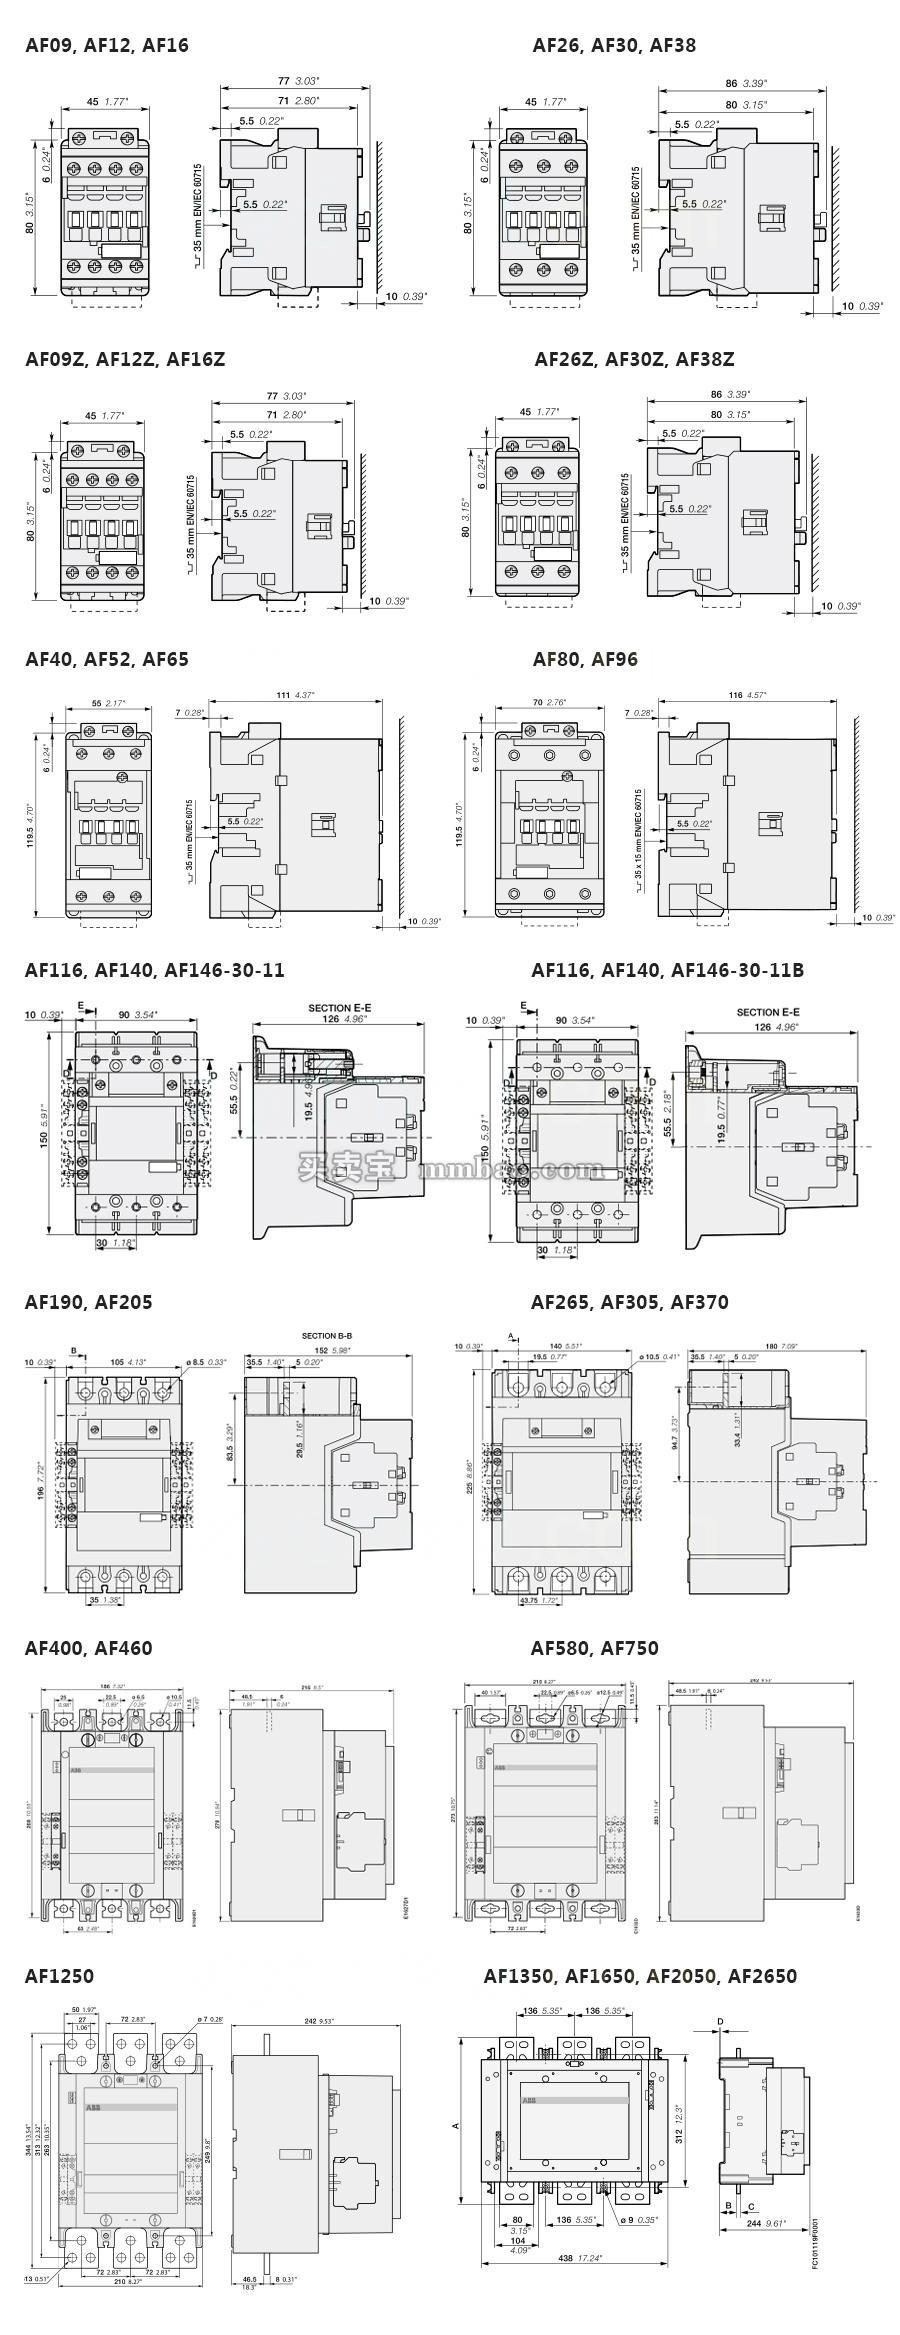 电路 电路图 电子 原理图 900_2335 竖版 竖屏